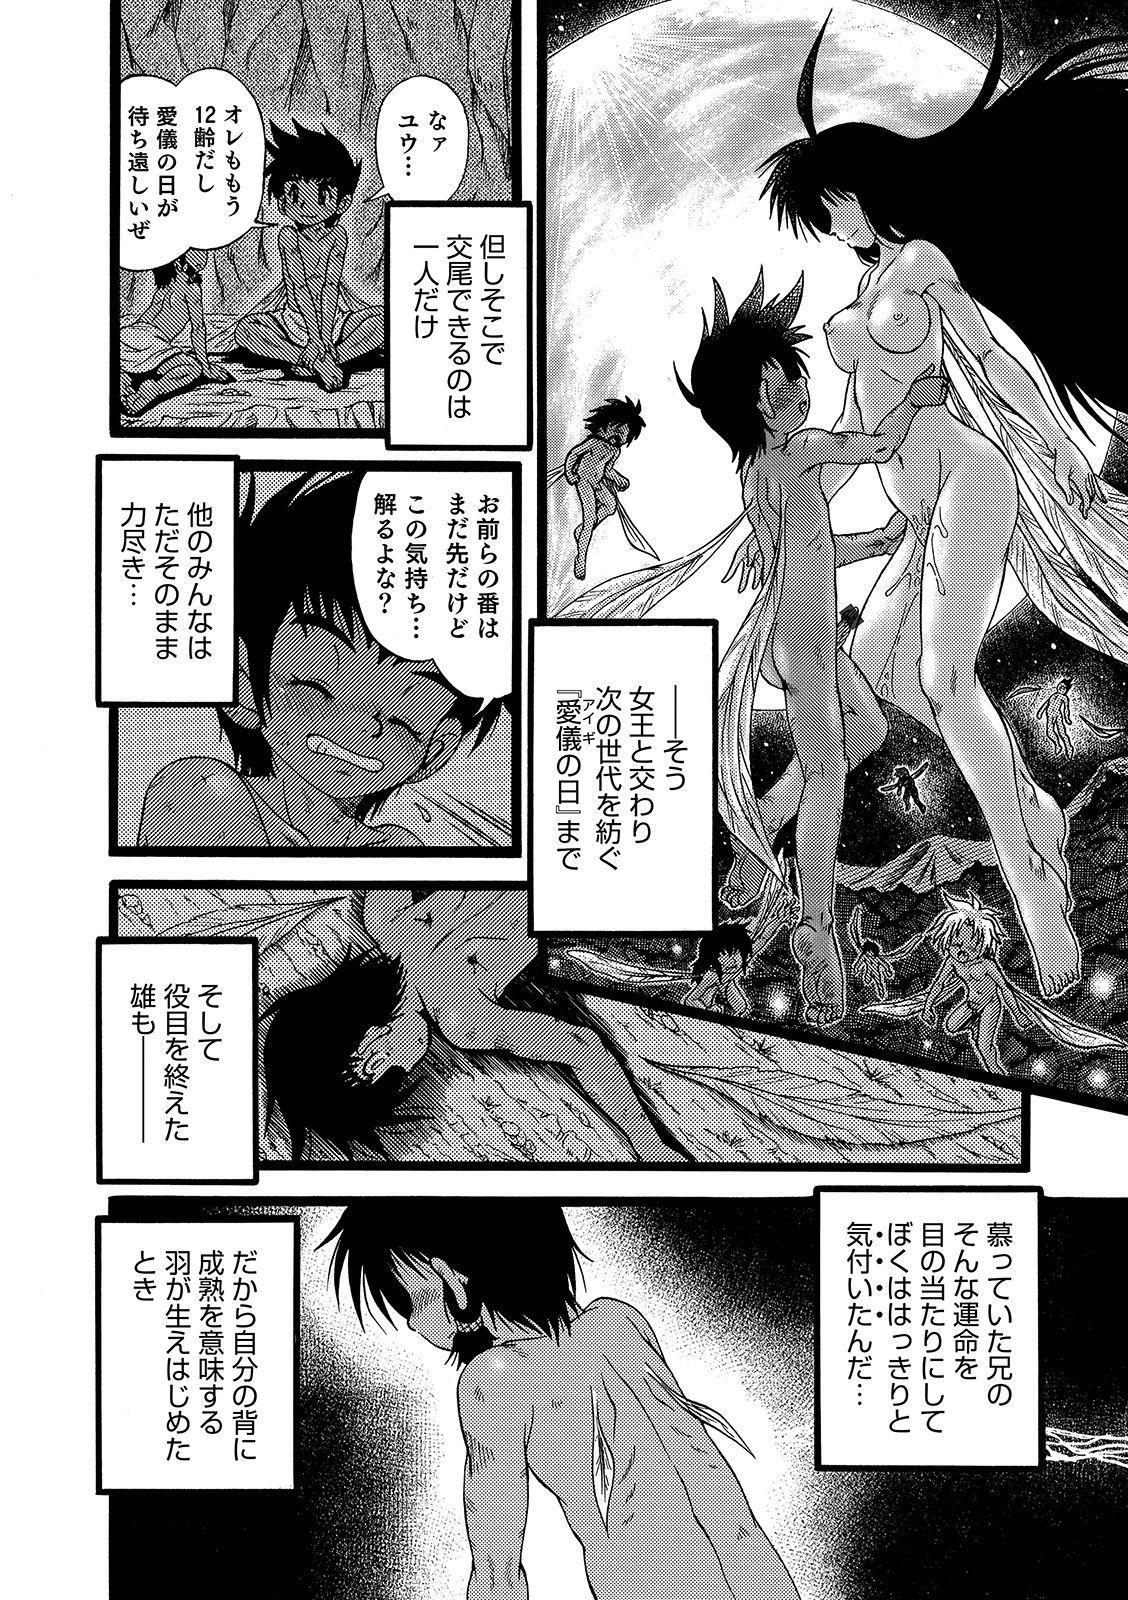 Otokonoko Heaven's Door 9 91